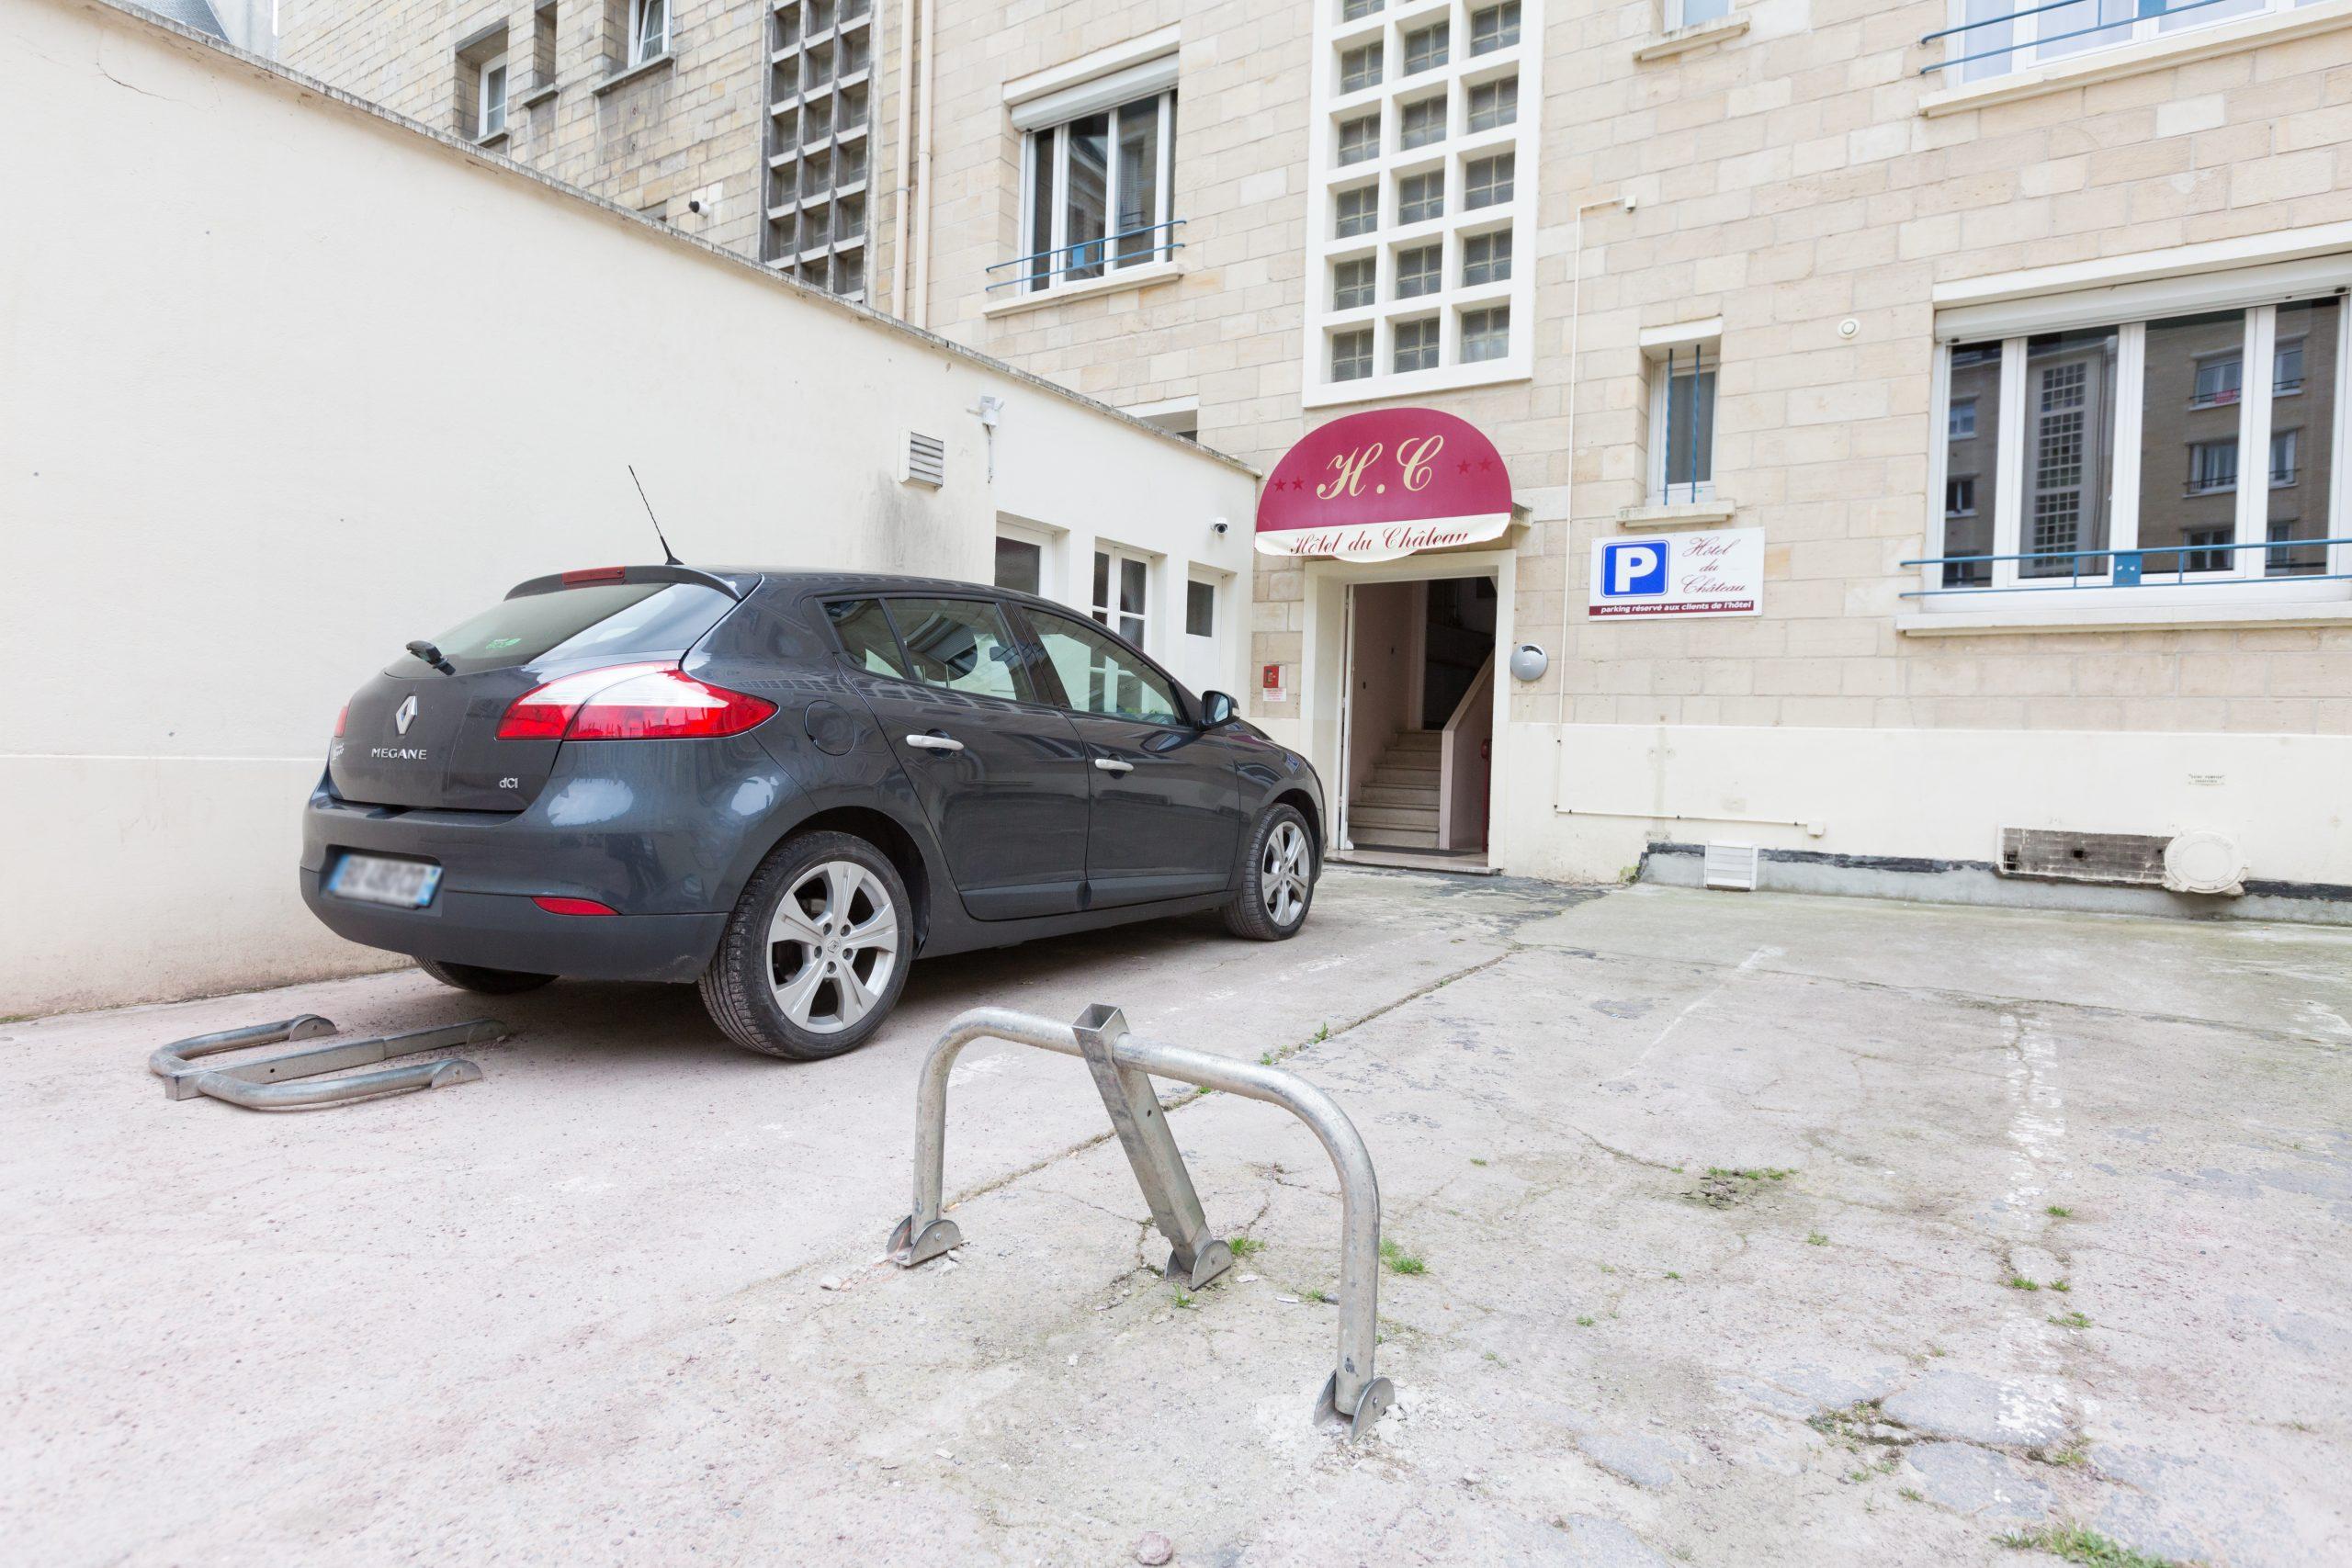 Parking space hotel du chateau caen